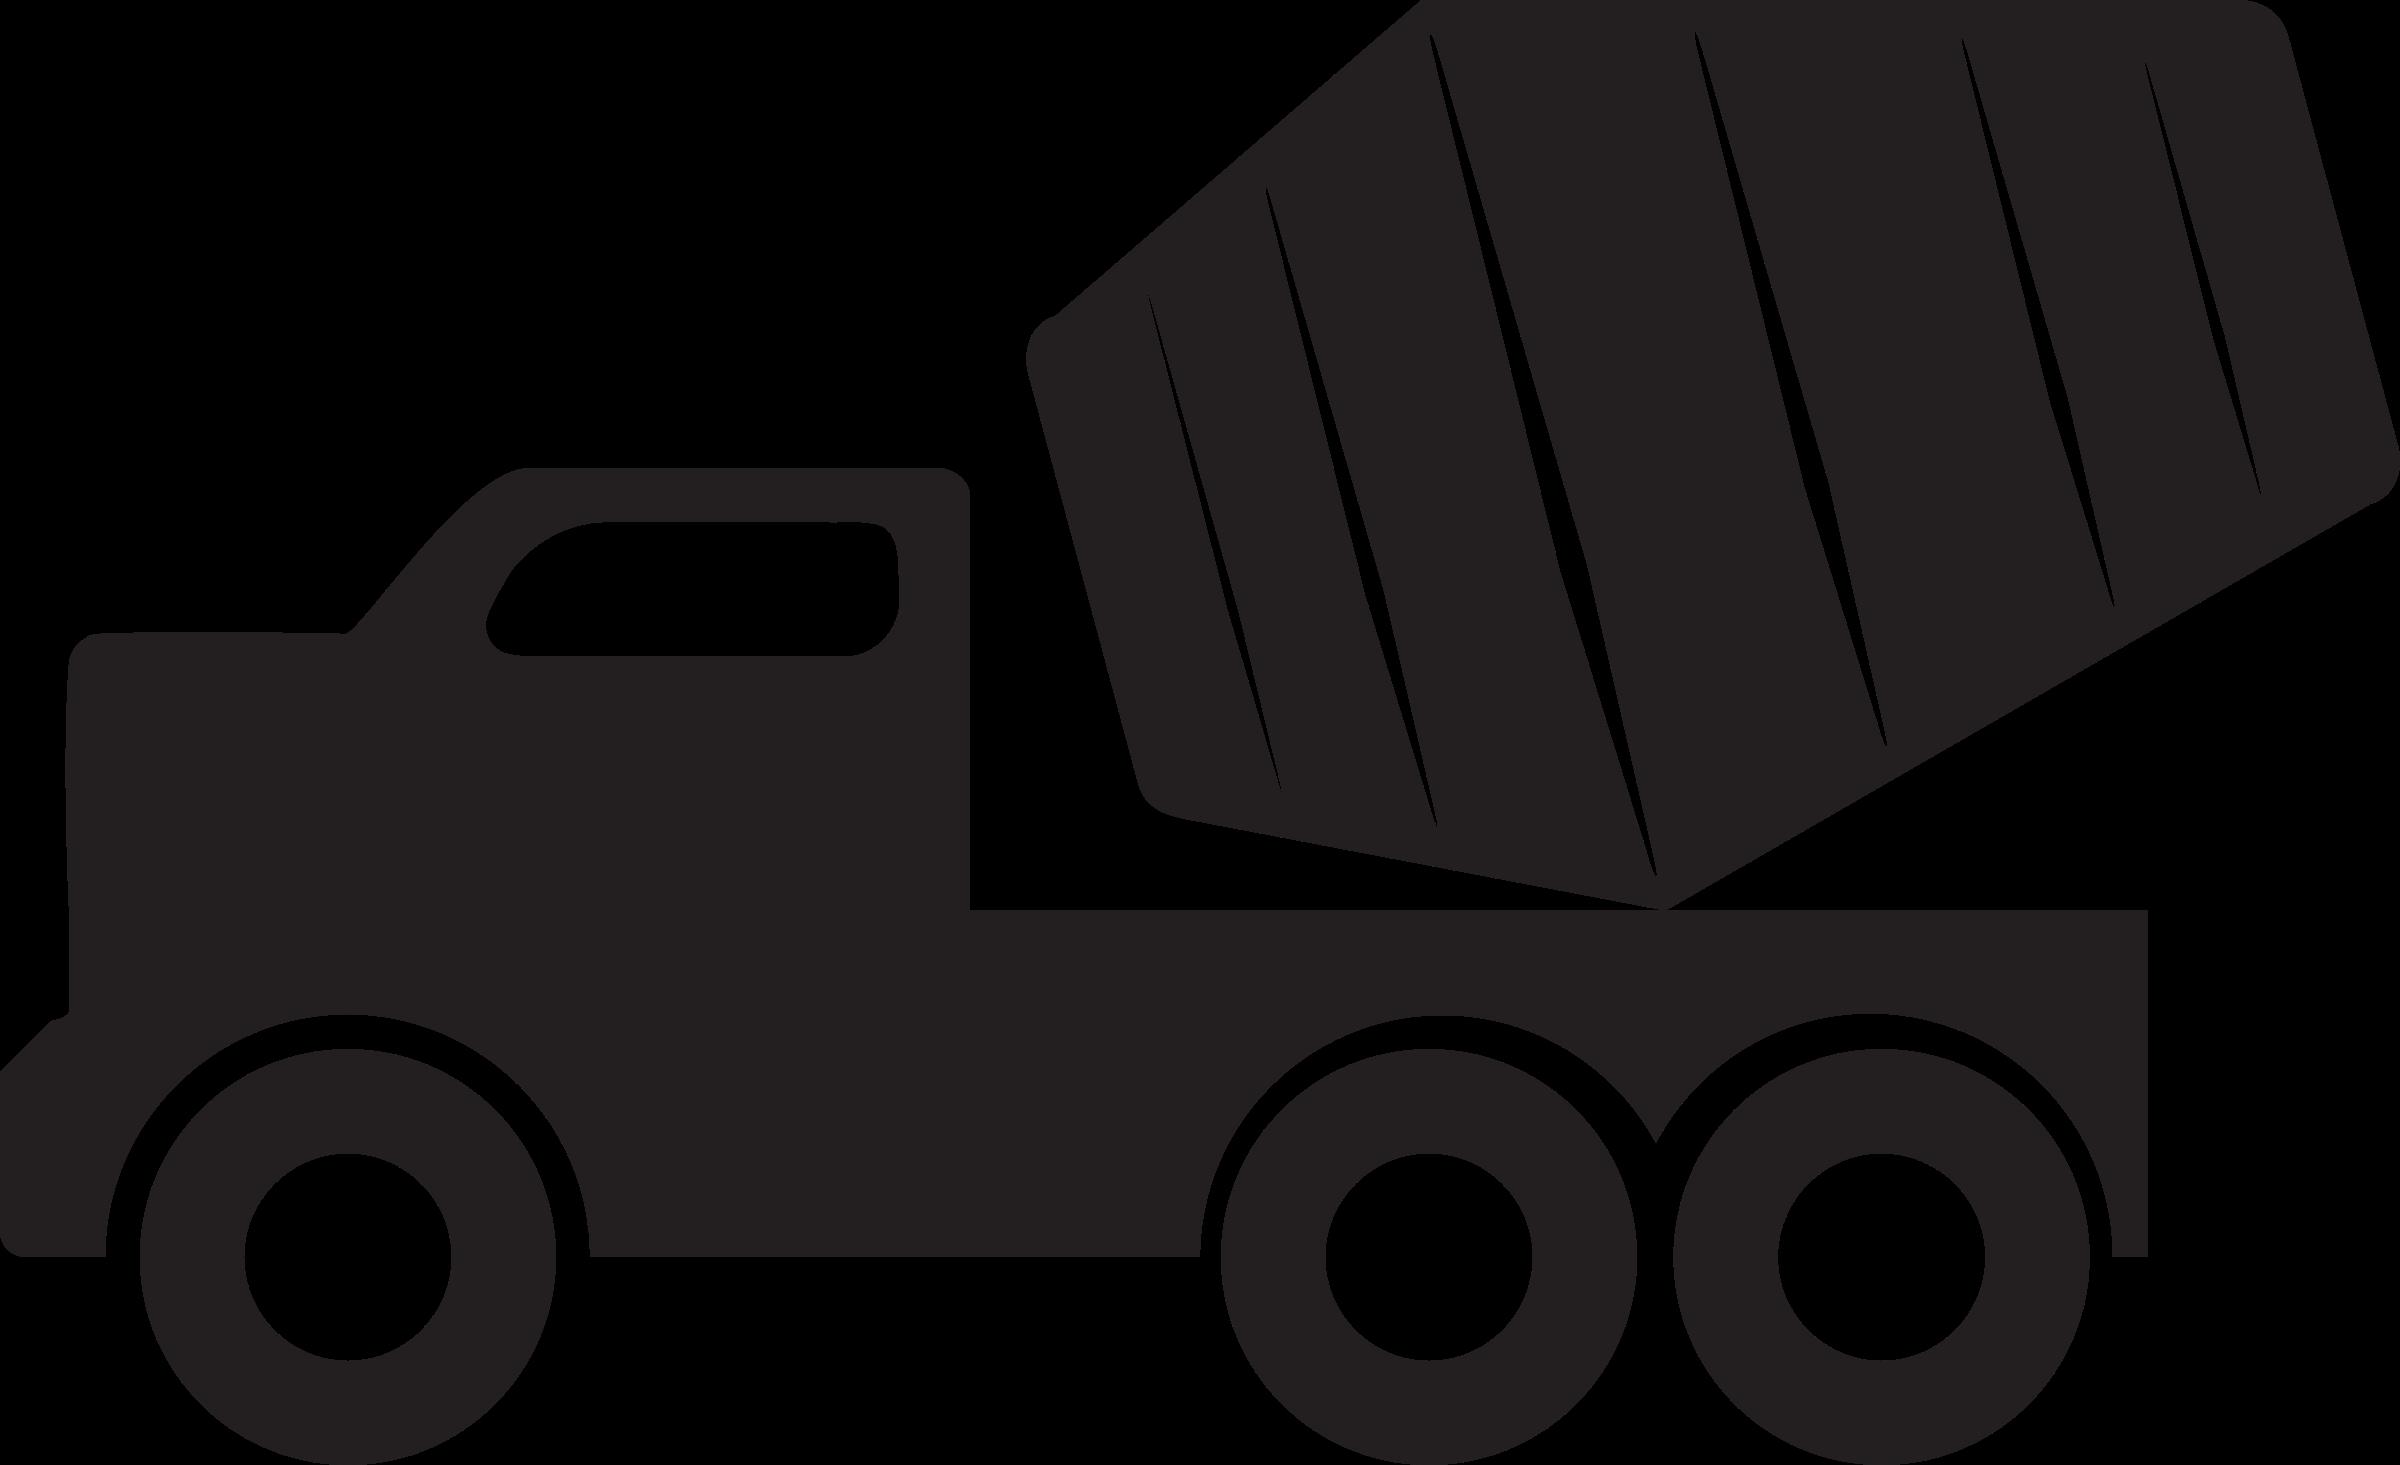 Concrete clipart Mixer truck mixer truck Concrete